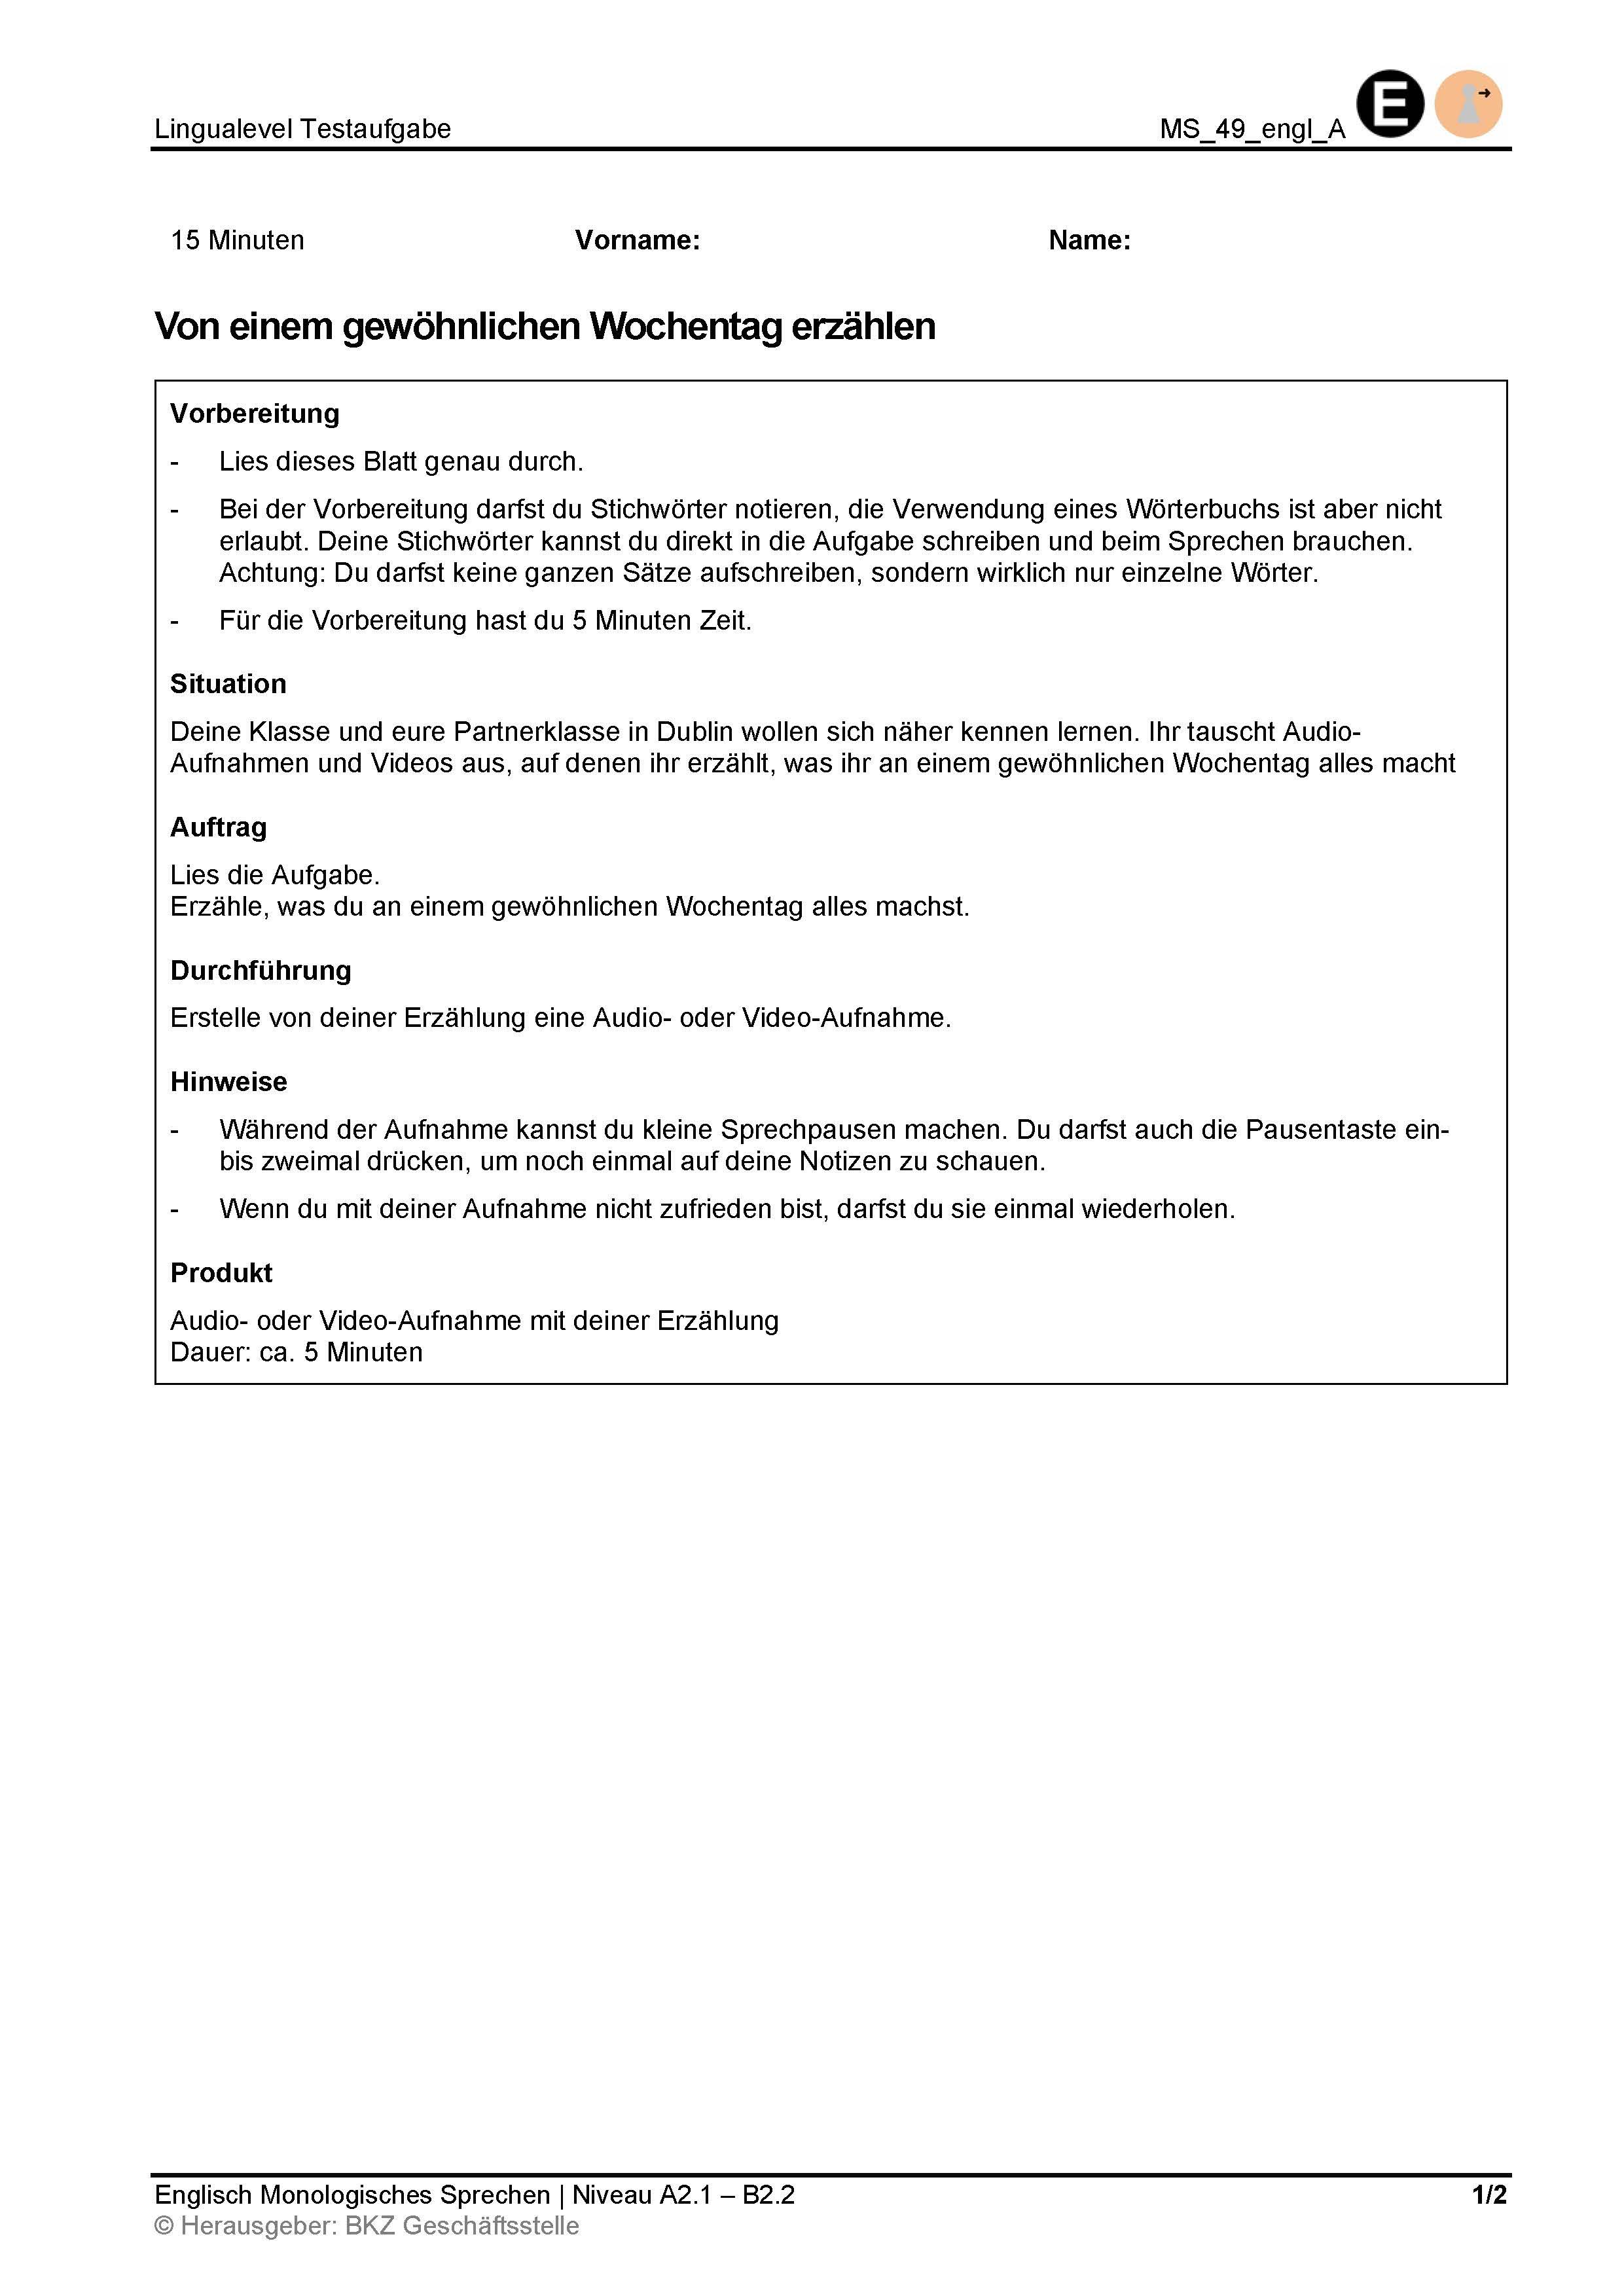 Preview image for LOM object Monologisches Sprechen: Von einem gewöhnlichen Wochentag erzählen